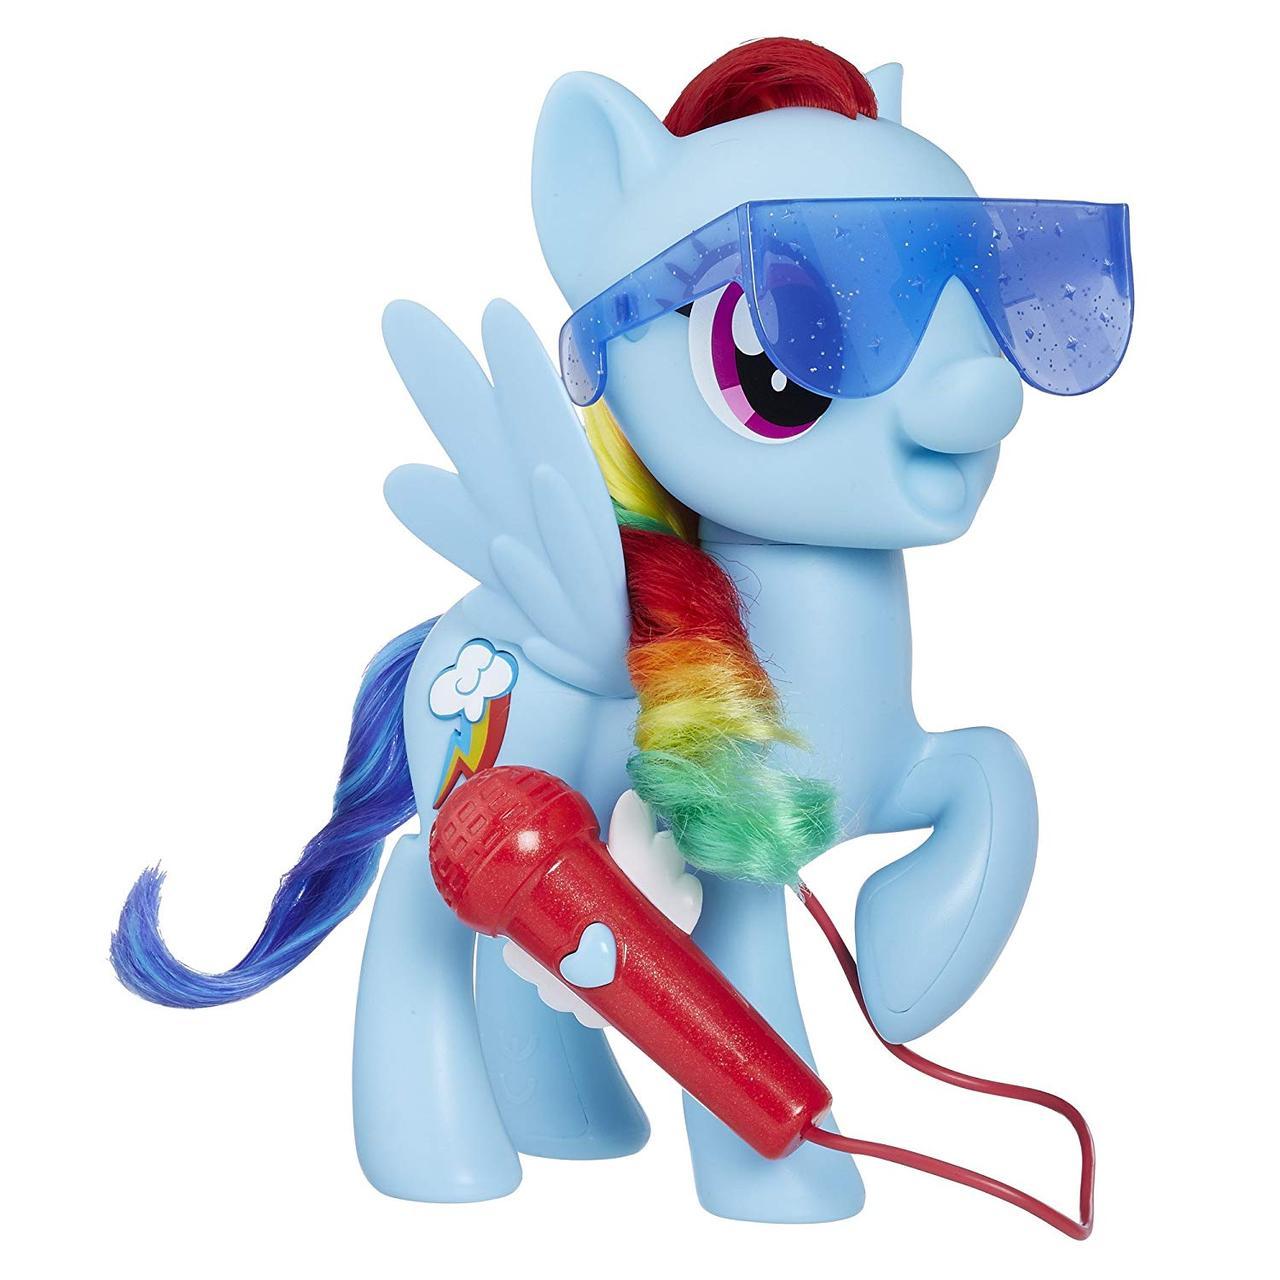 интерактивная поющая пони радуга рейнбоу деш My Little Pony